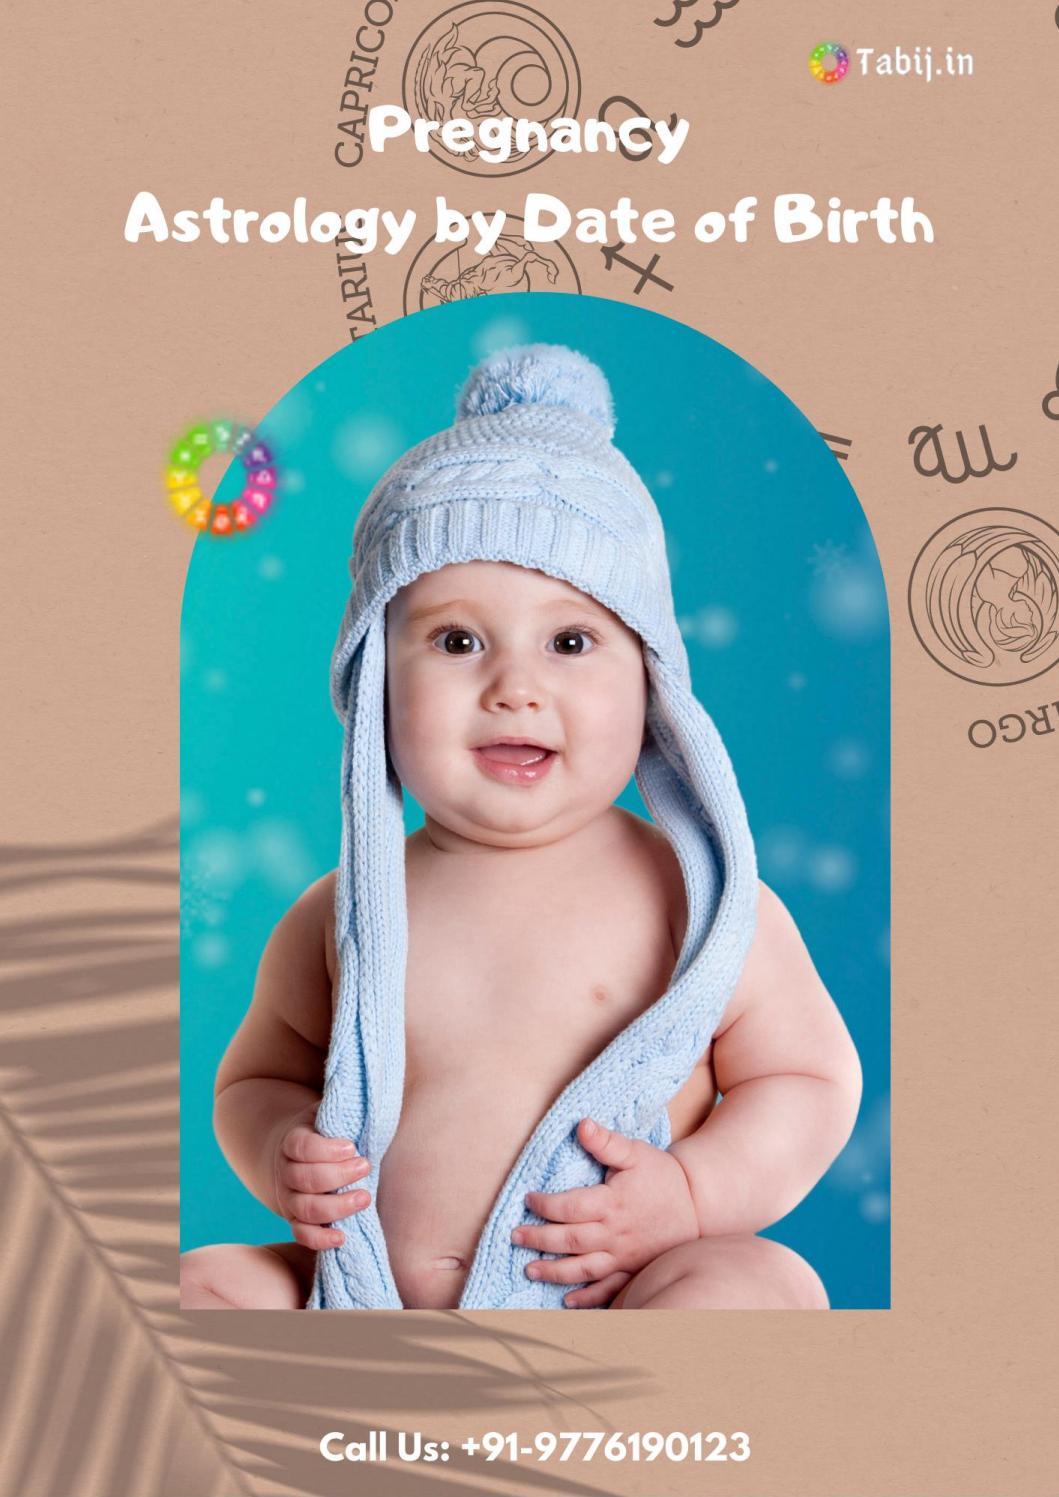 Get Kundali Of New Born Baby : kundali, Pregnancy, Astrology, Birth, Childbirth, Sofiaastrology, Issuu